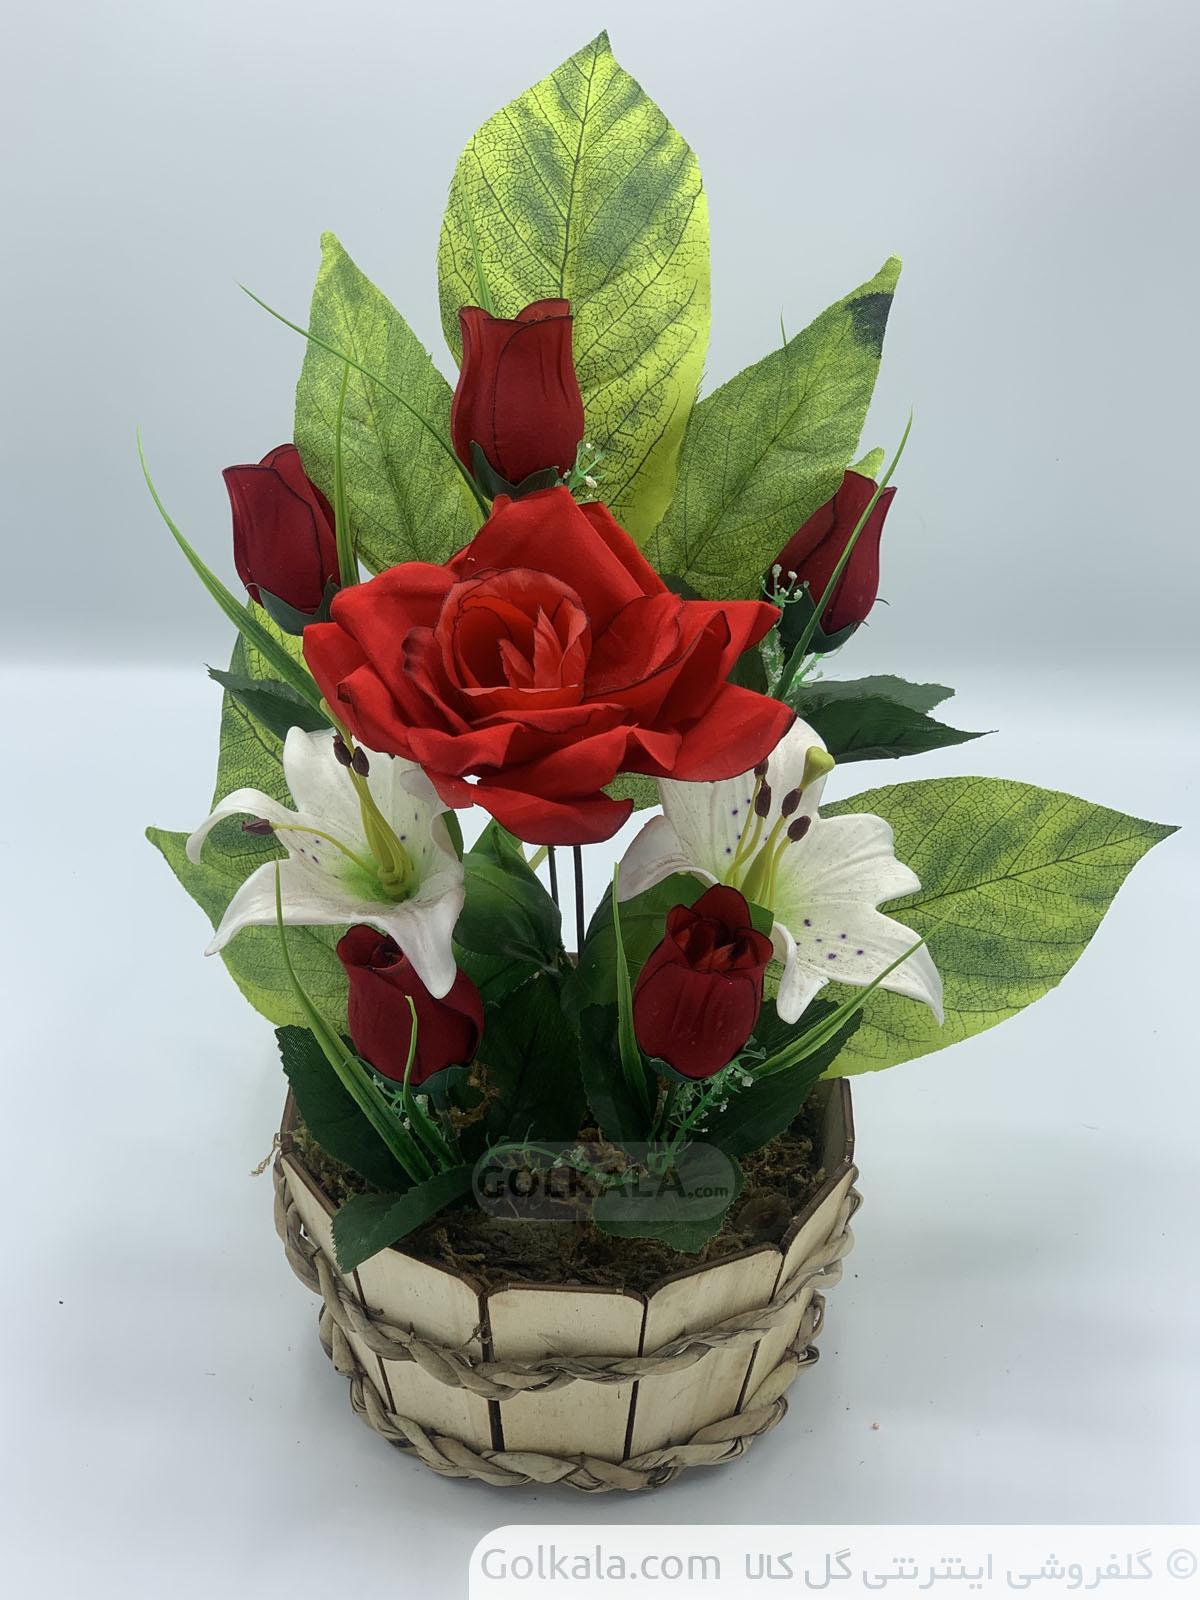 گل-ارکیده-سبد-گل-گلهای-زیبا-گل-سفید-صورتی